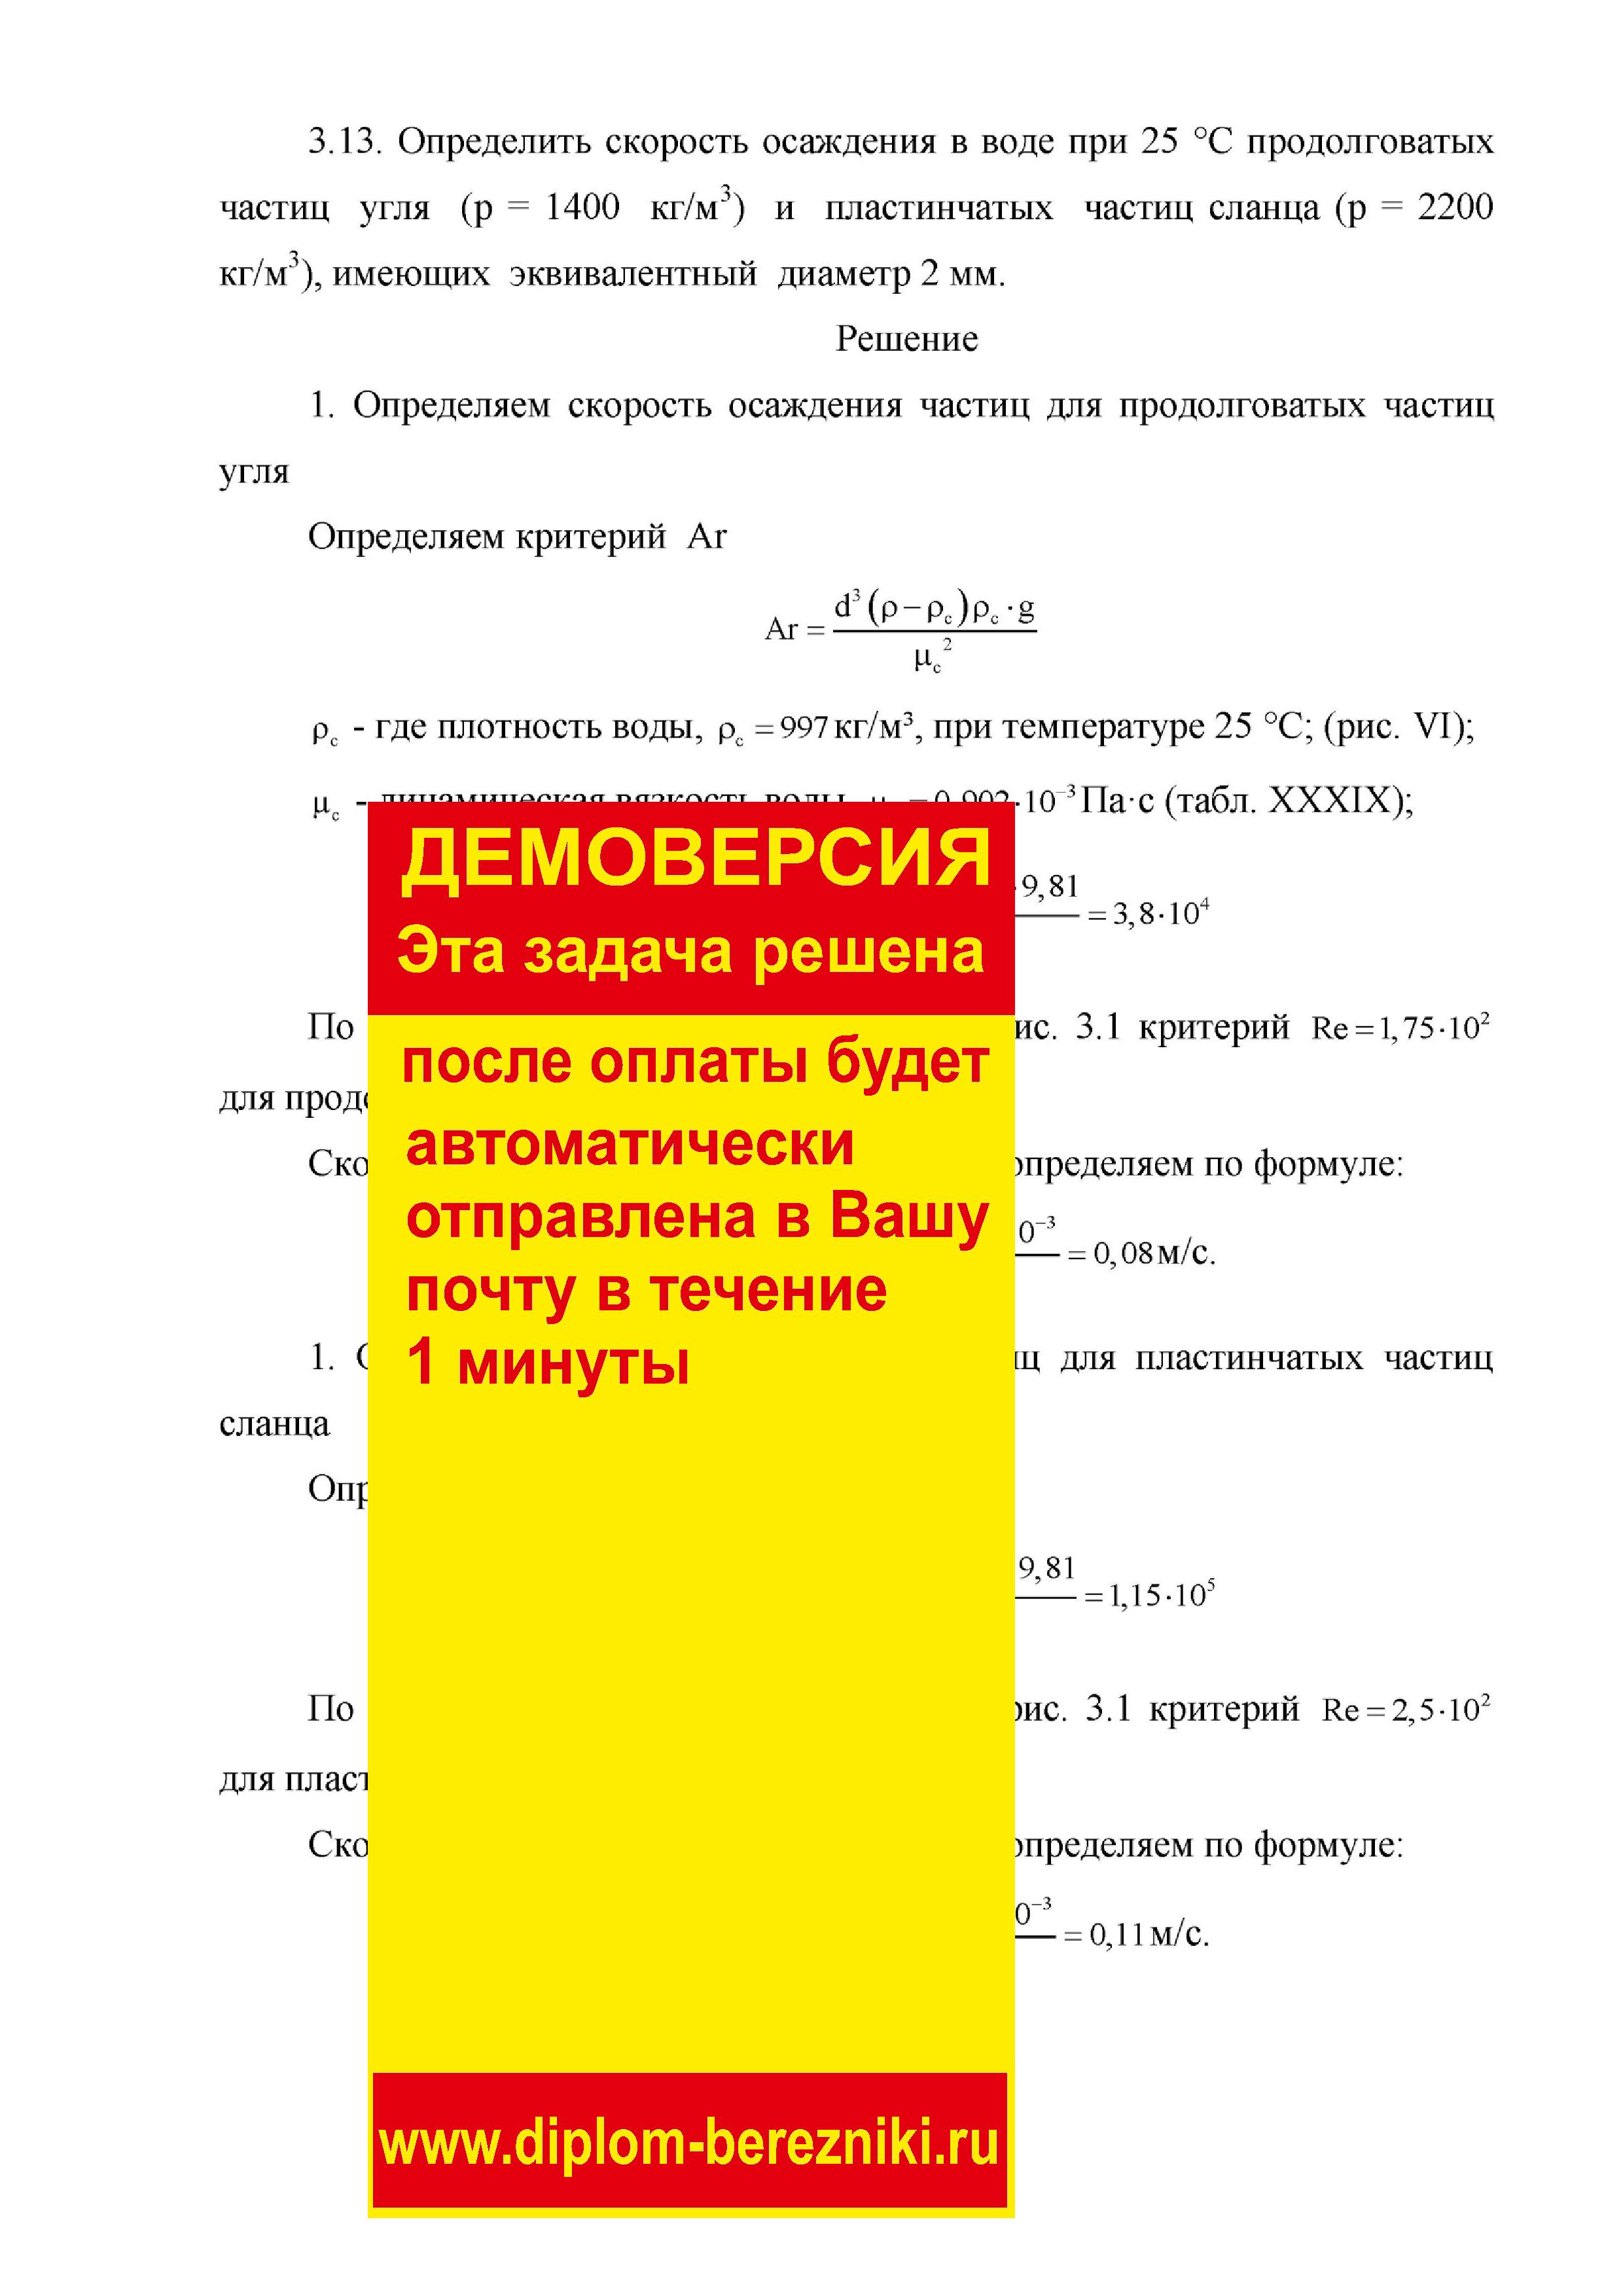 Решение задачи 3.13 по ПАХТ из задачника Павлова Романкова Носкова